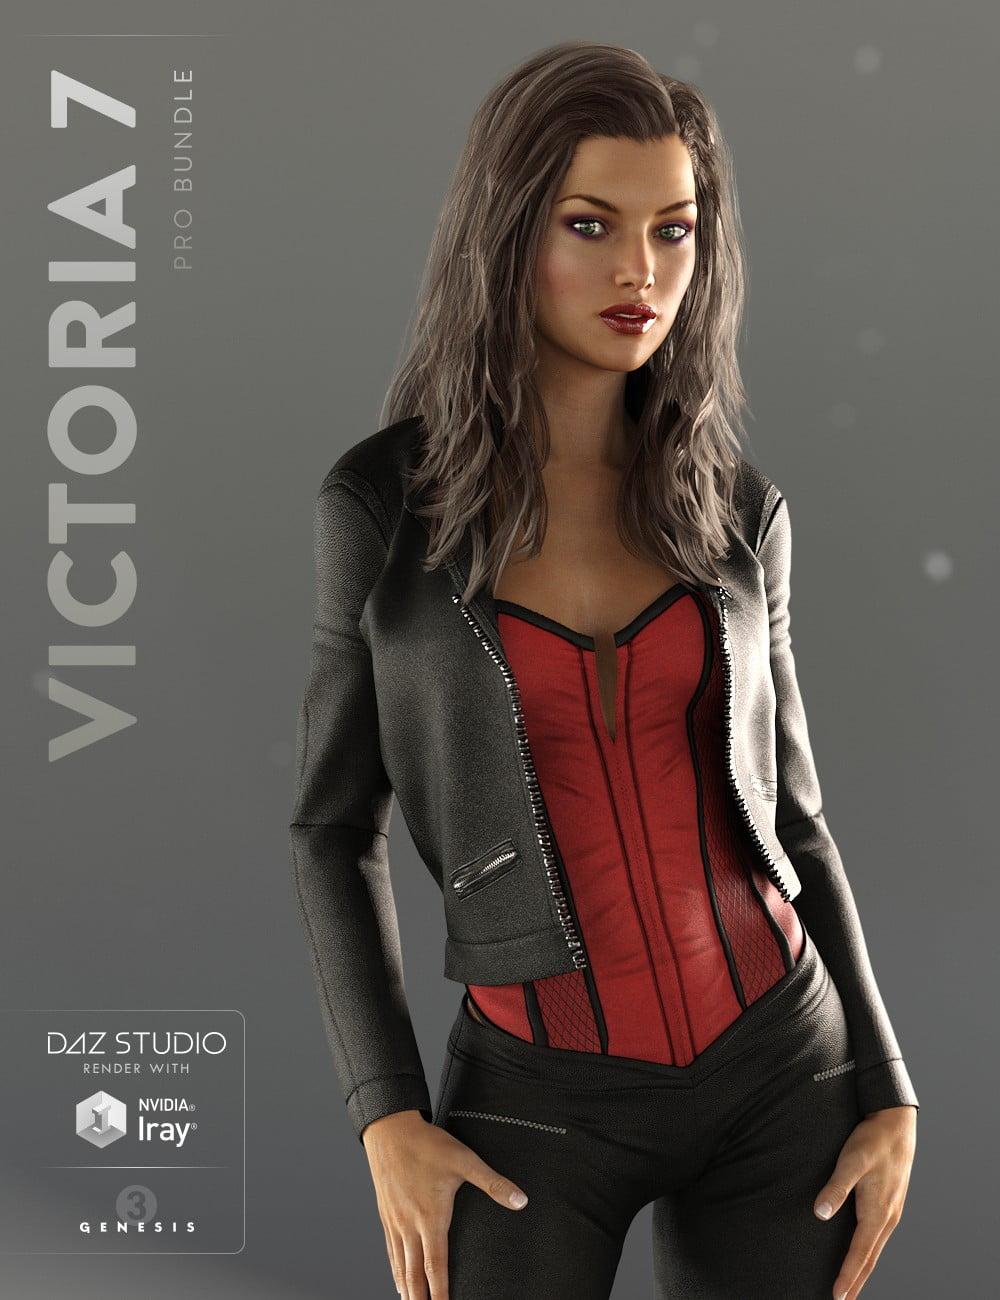 Vicky001